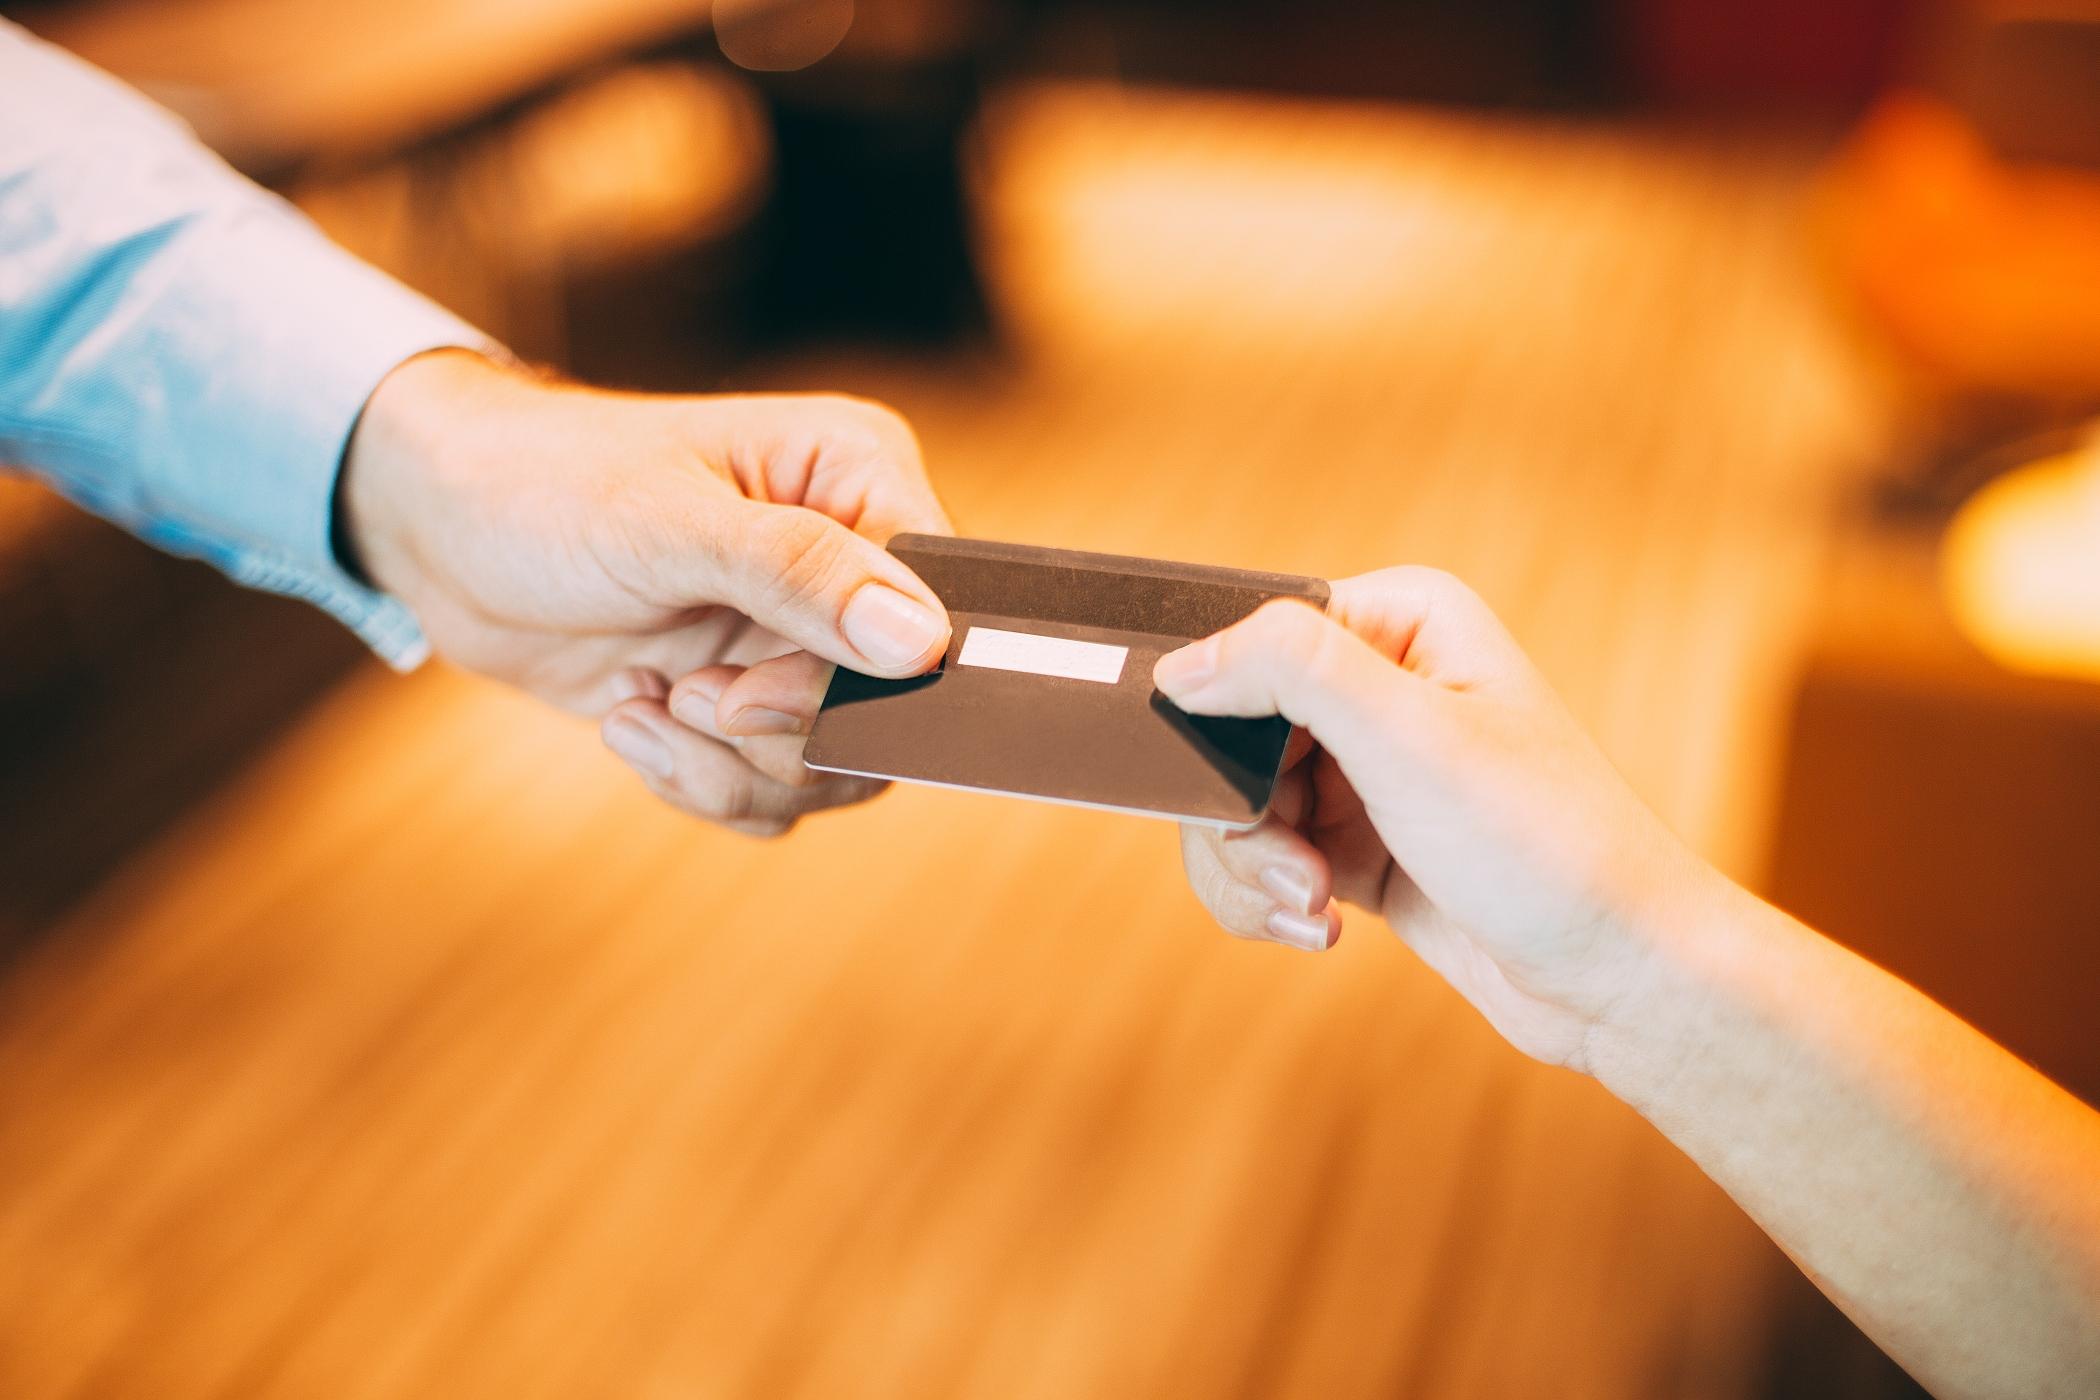 Půjčka (ilustrační foto)